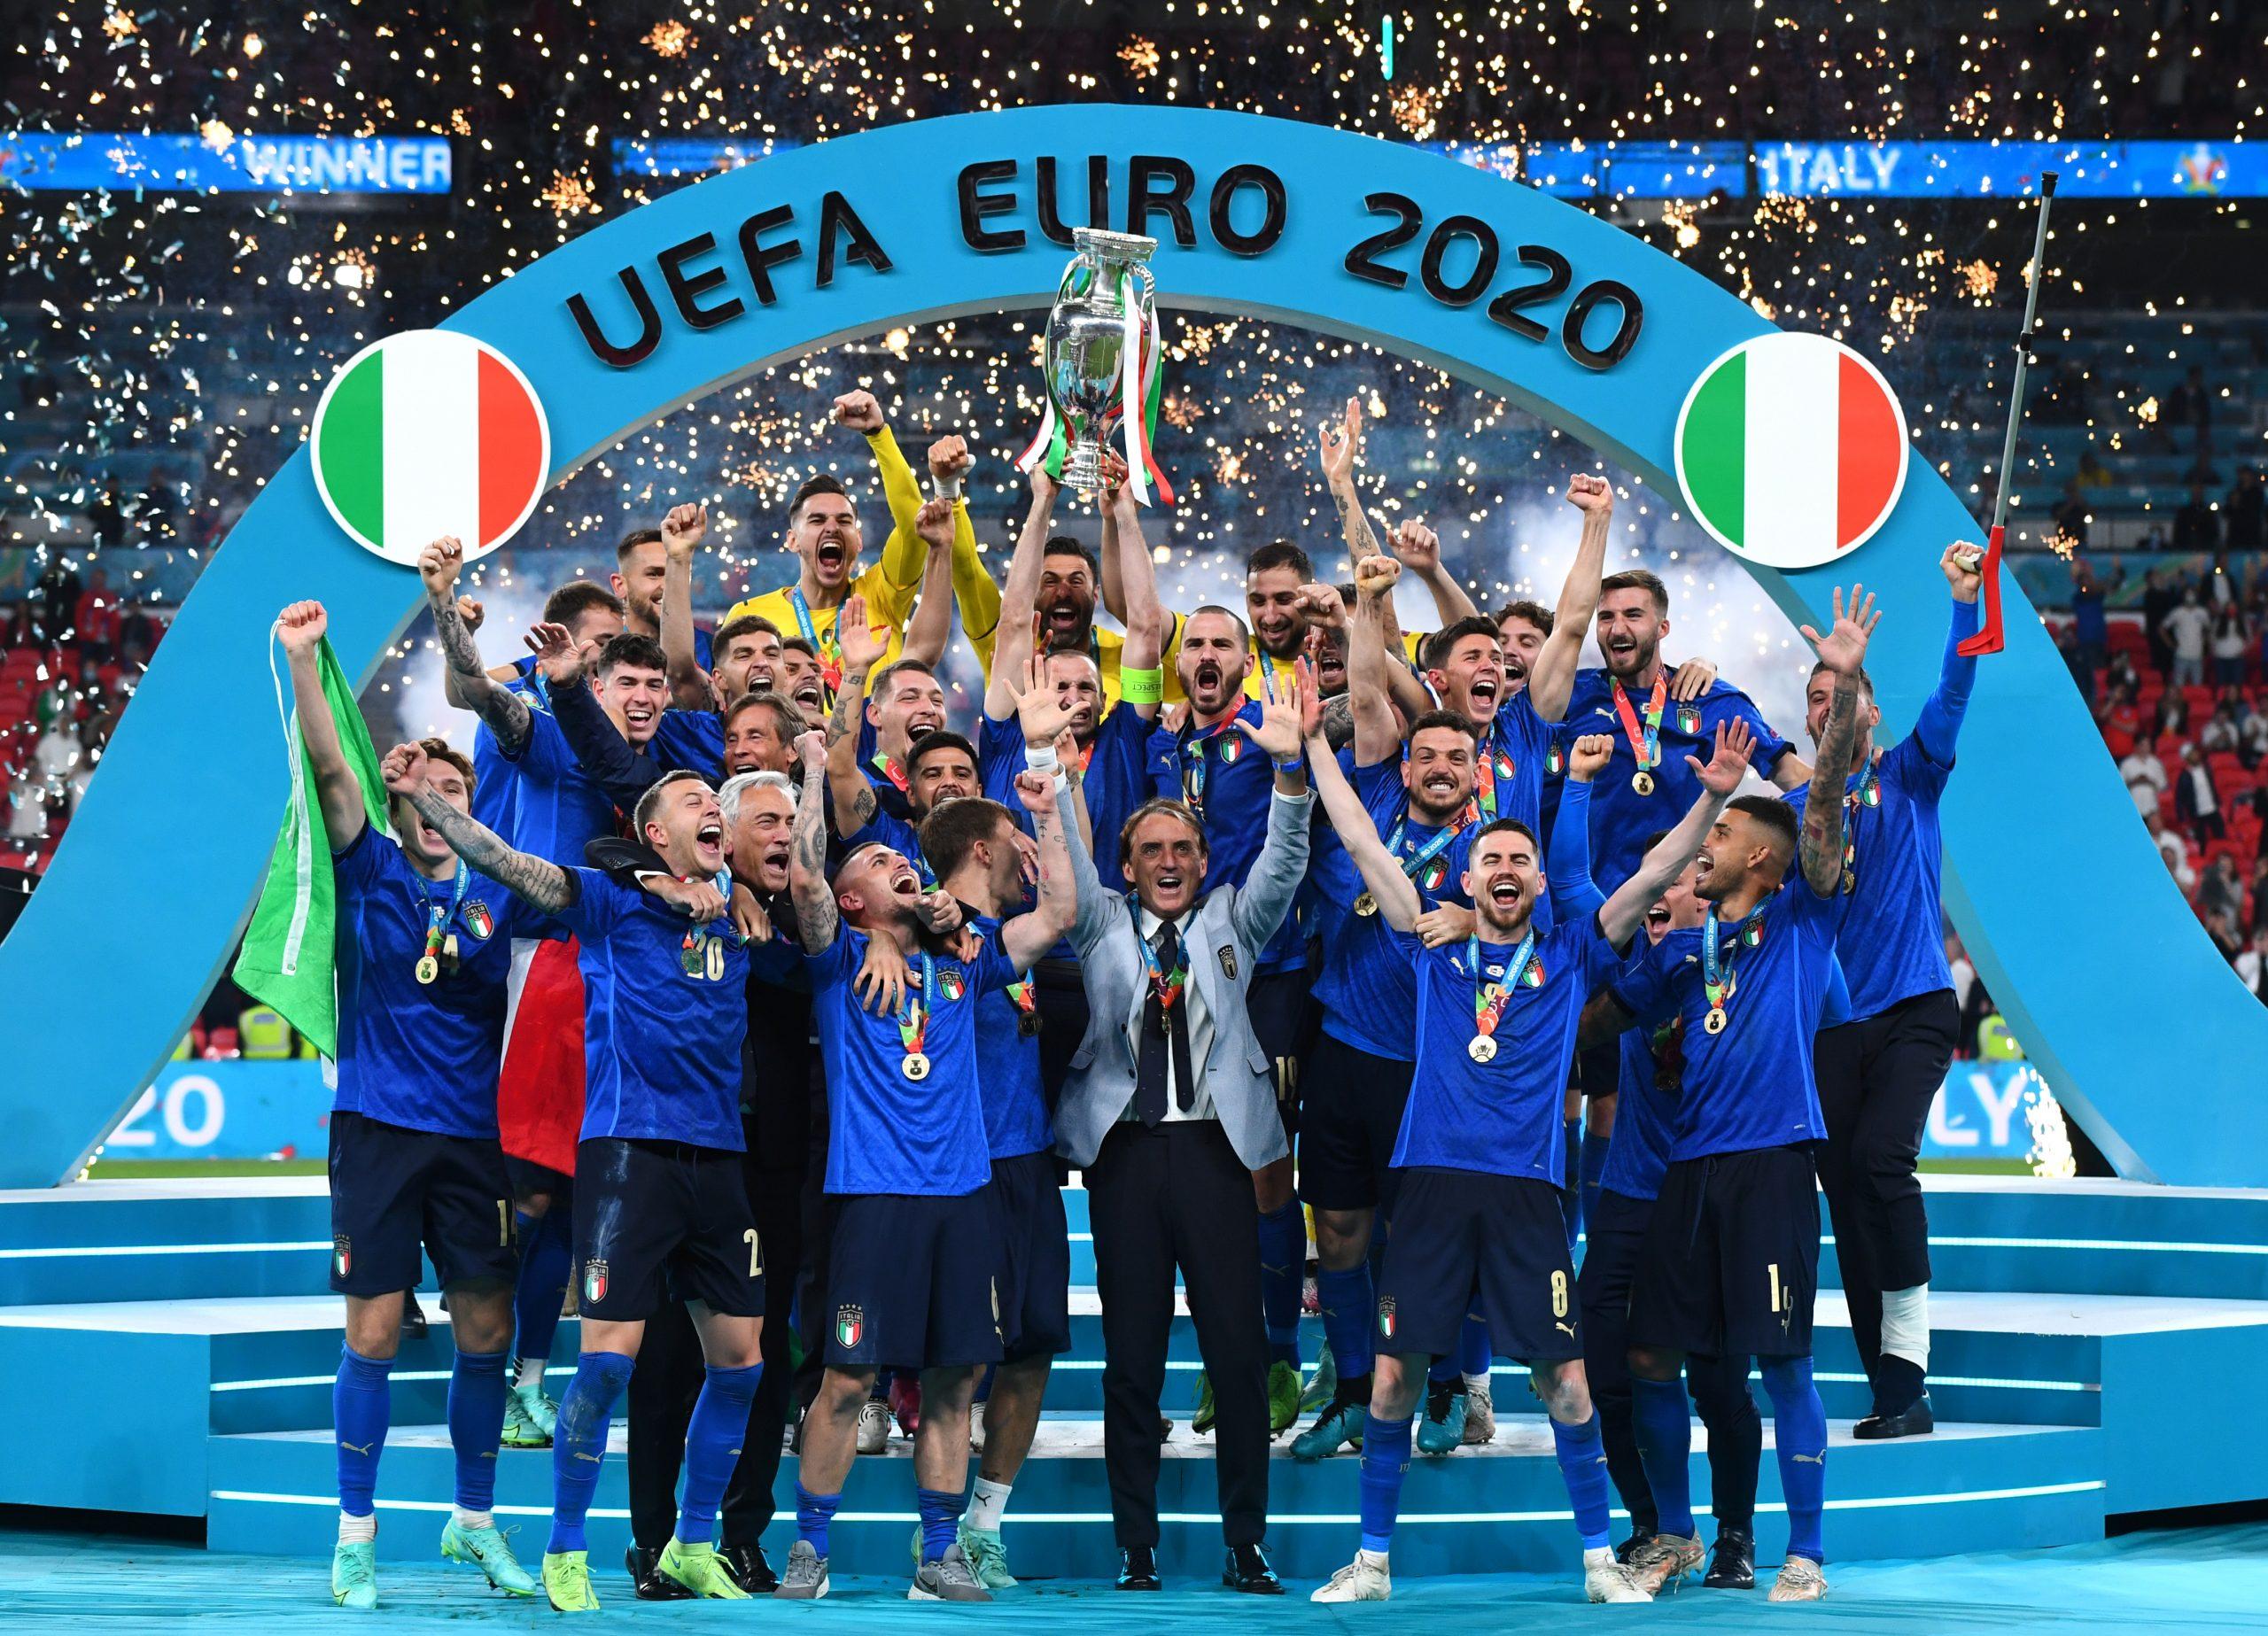 Sau chức vô địch tại Euro 2020, đội tuyển Italy đã nhận được khoản tiền thưởng khổng lồ